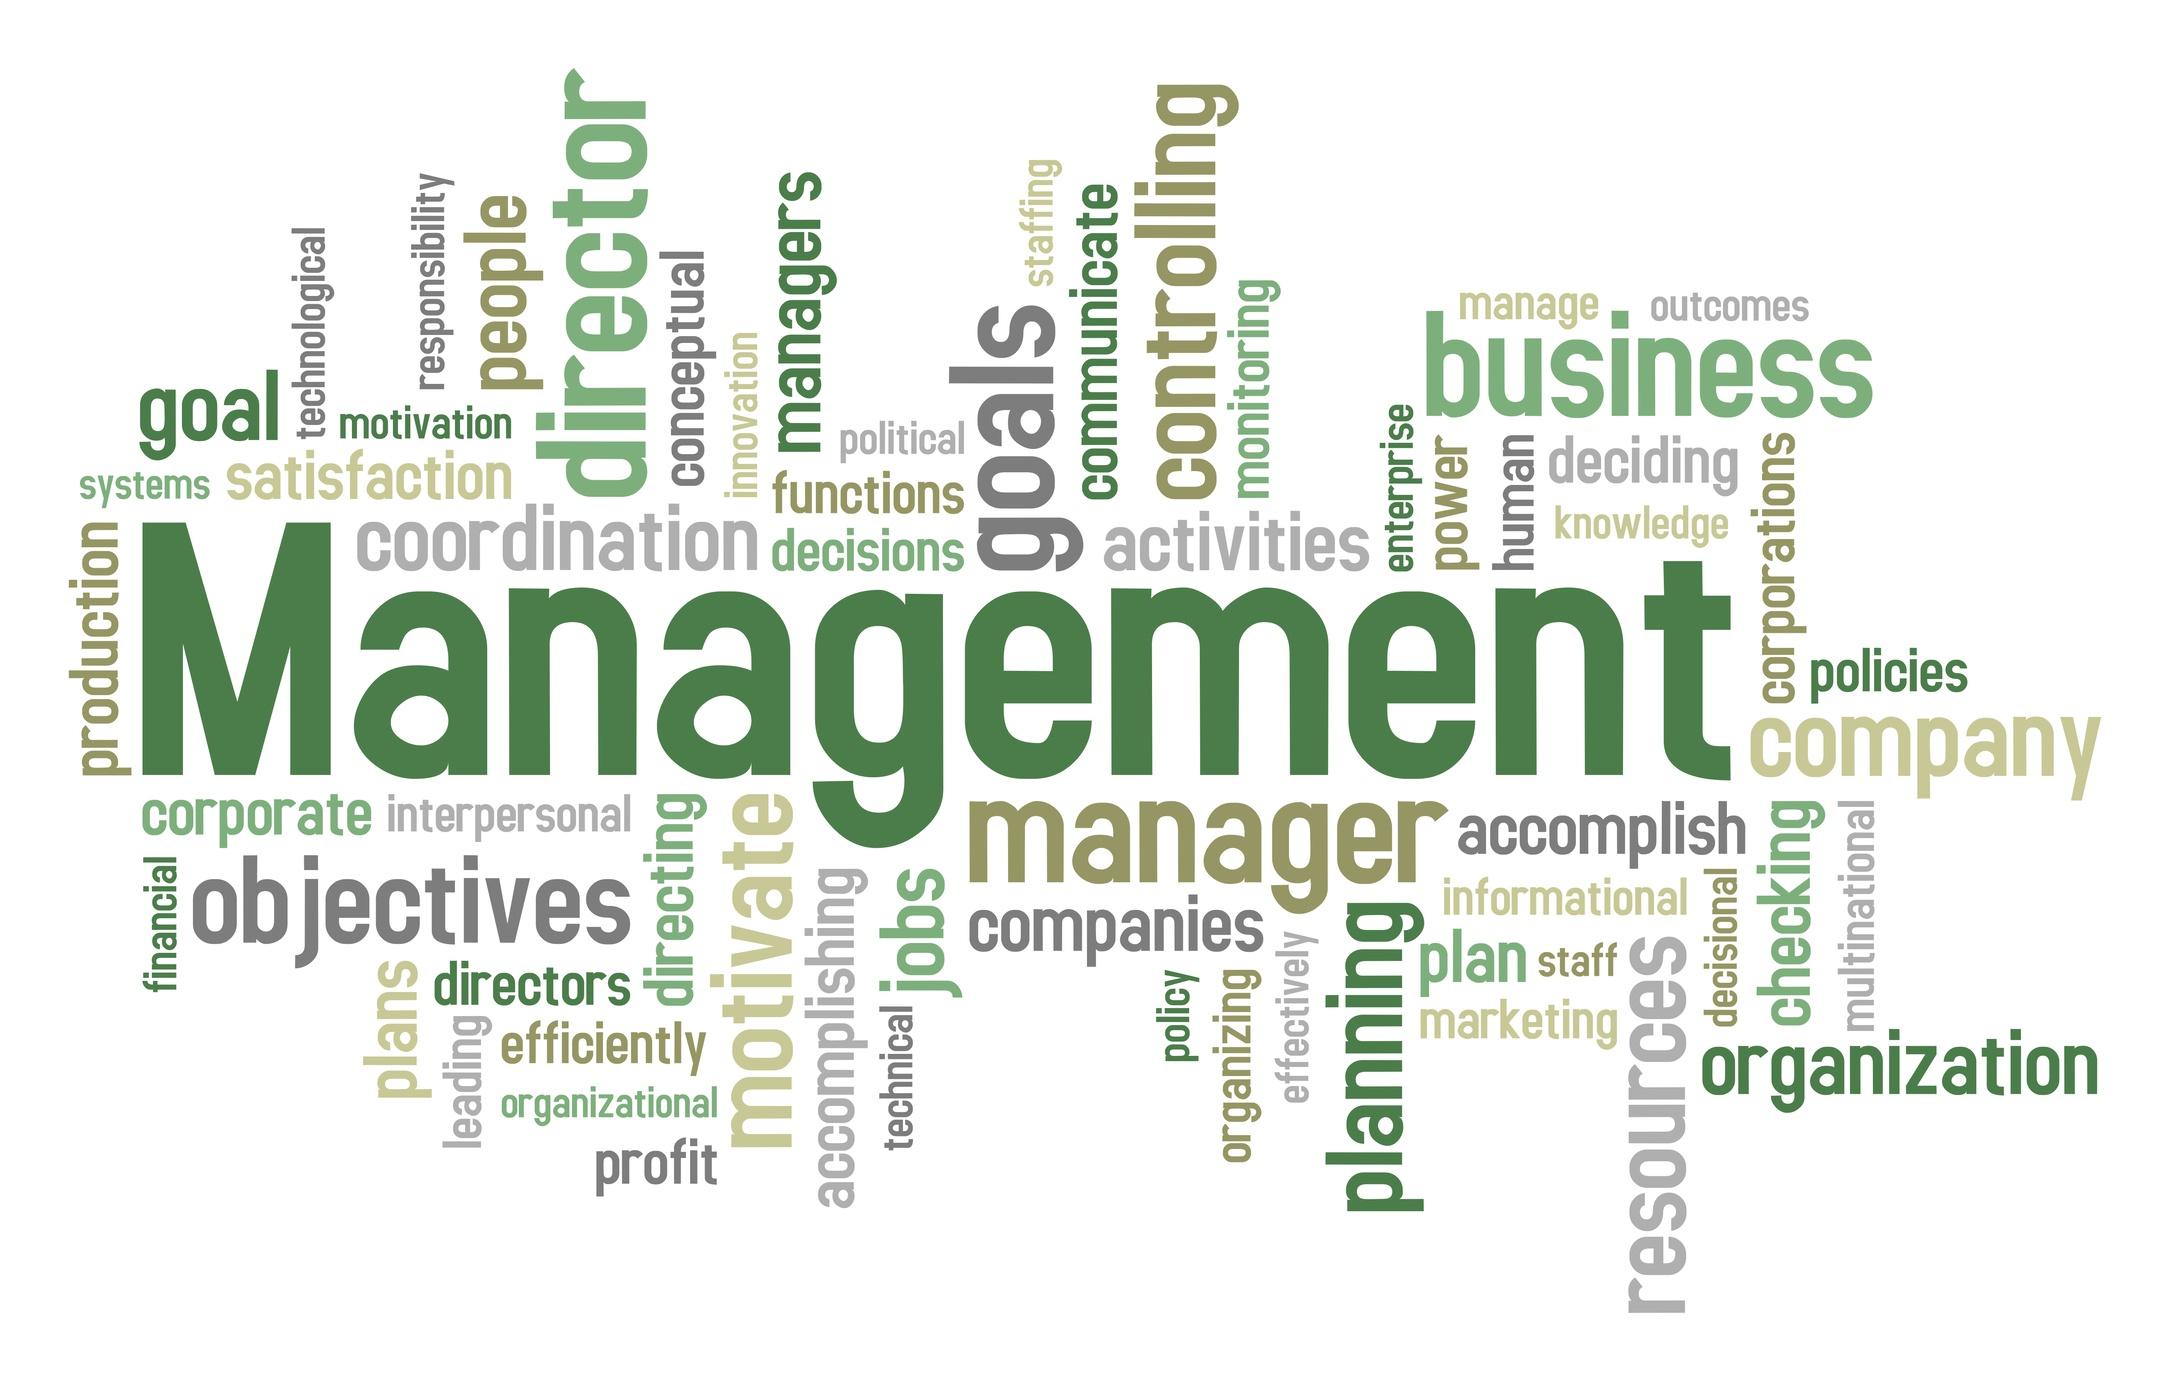 generic management training